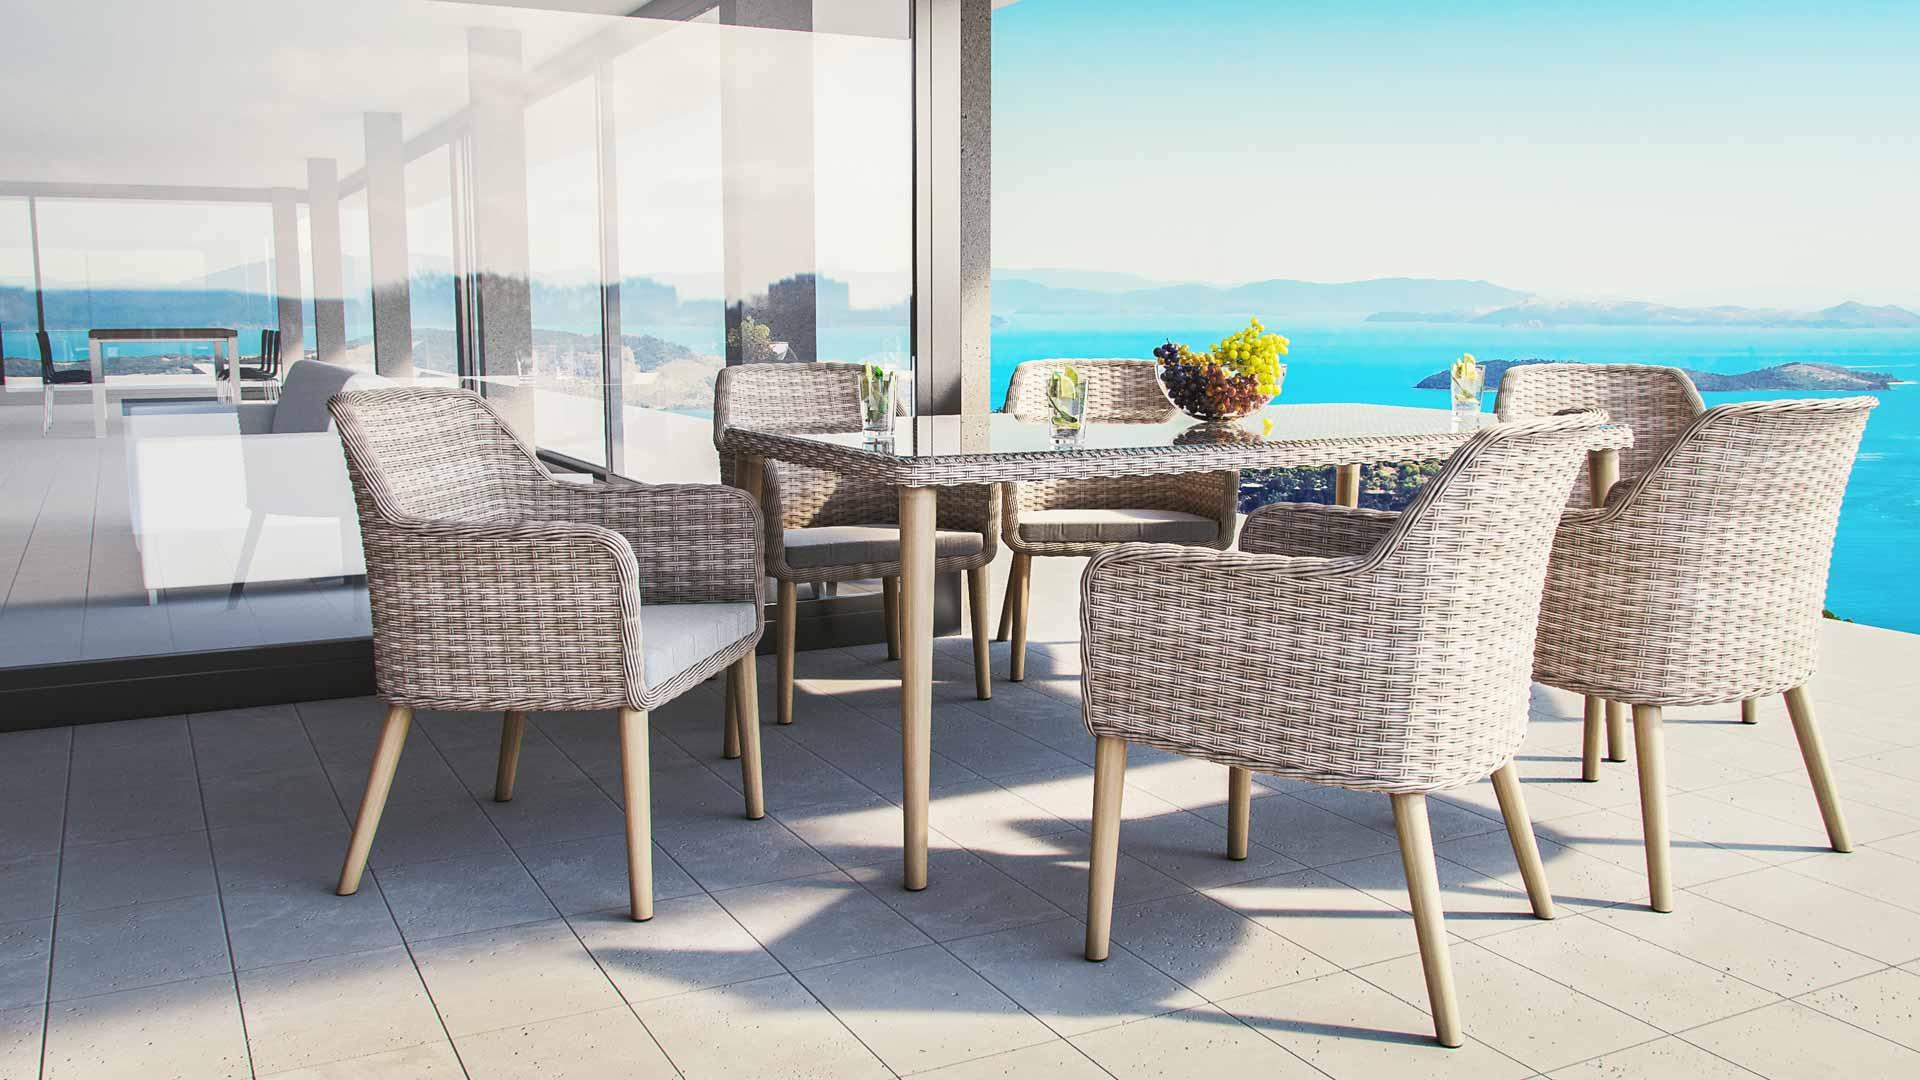 artelia austria rattan essgruppe desert line savannah f r 6 personen mit tisch und st hlen. Black Bedroom Furniture Sets. Home Design Ideas